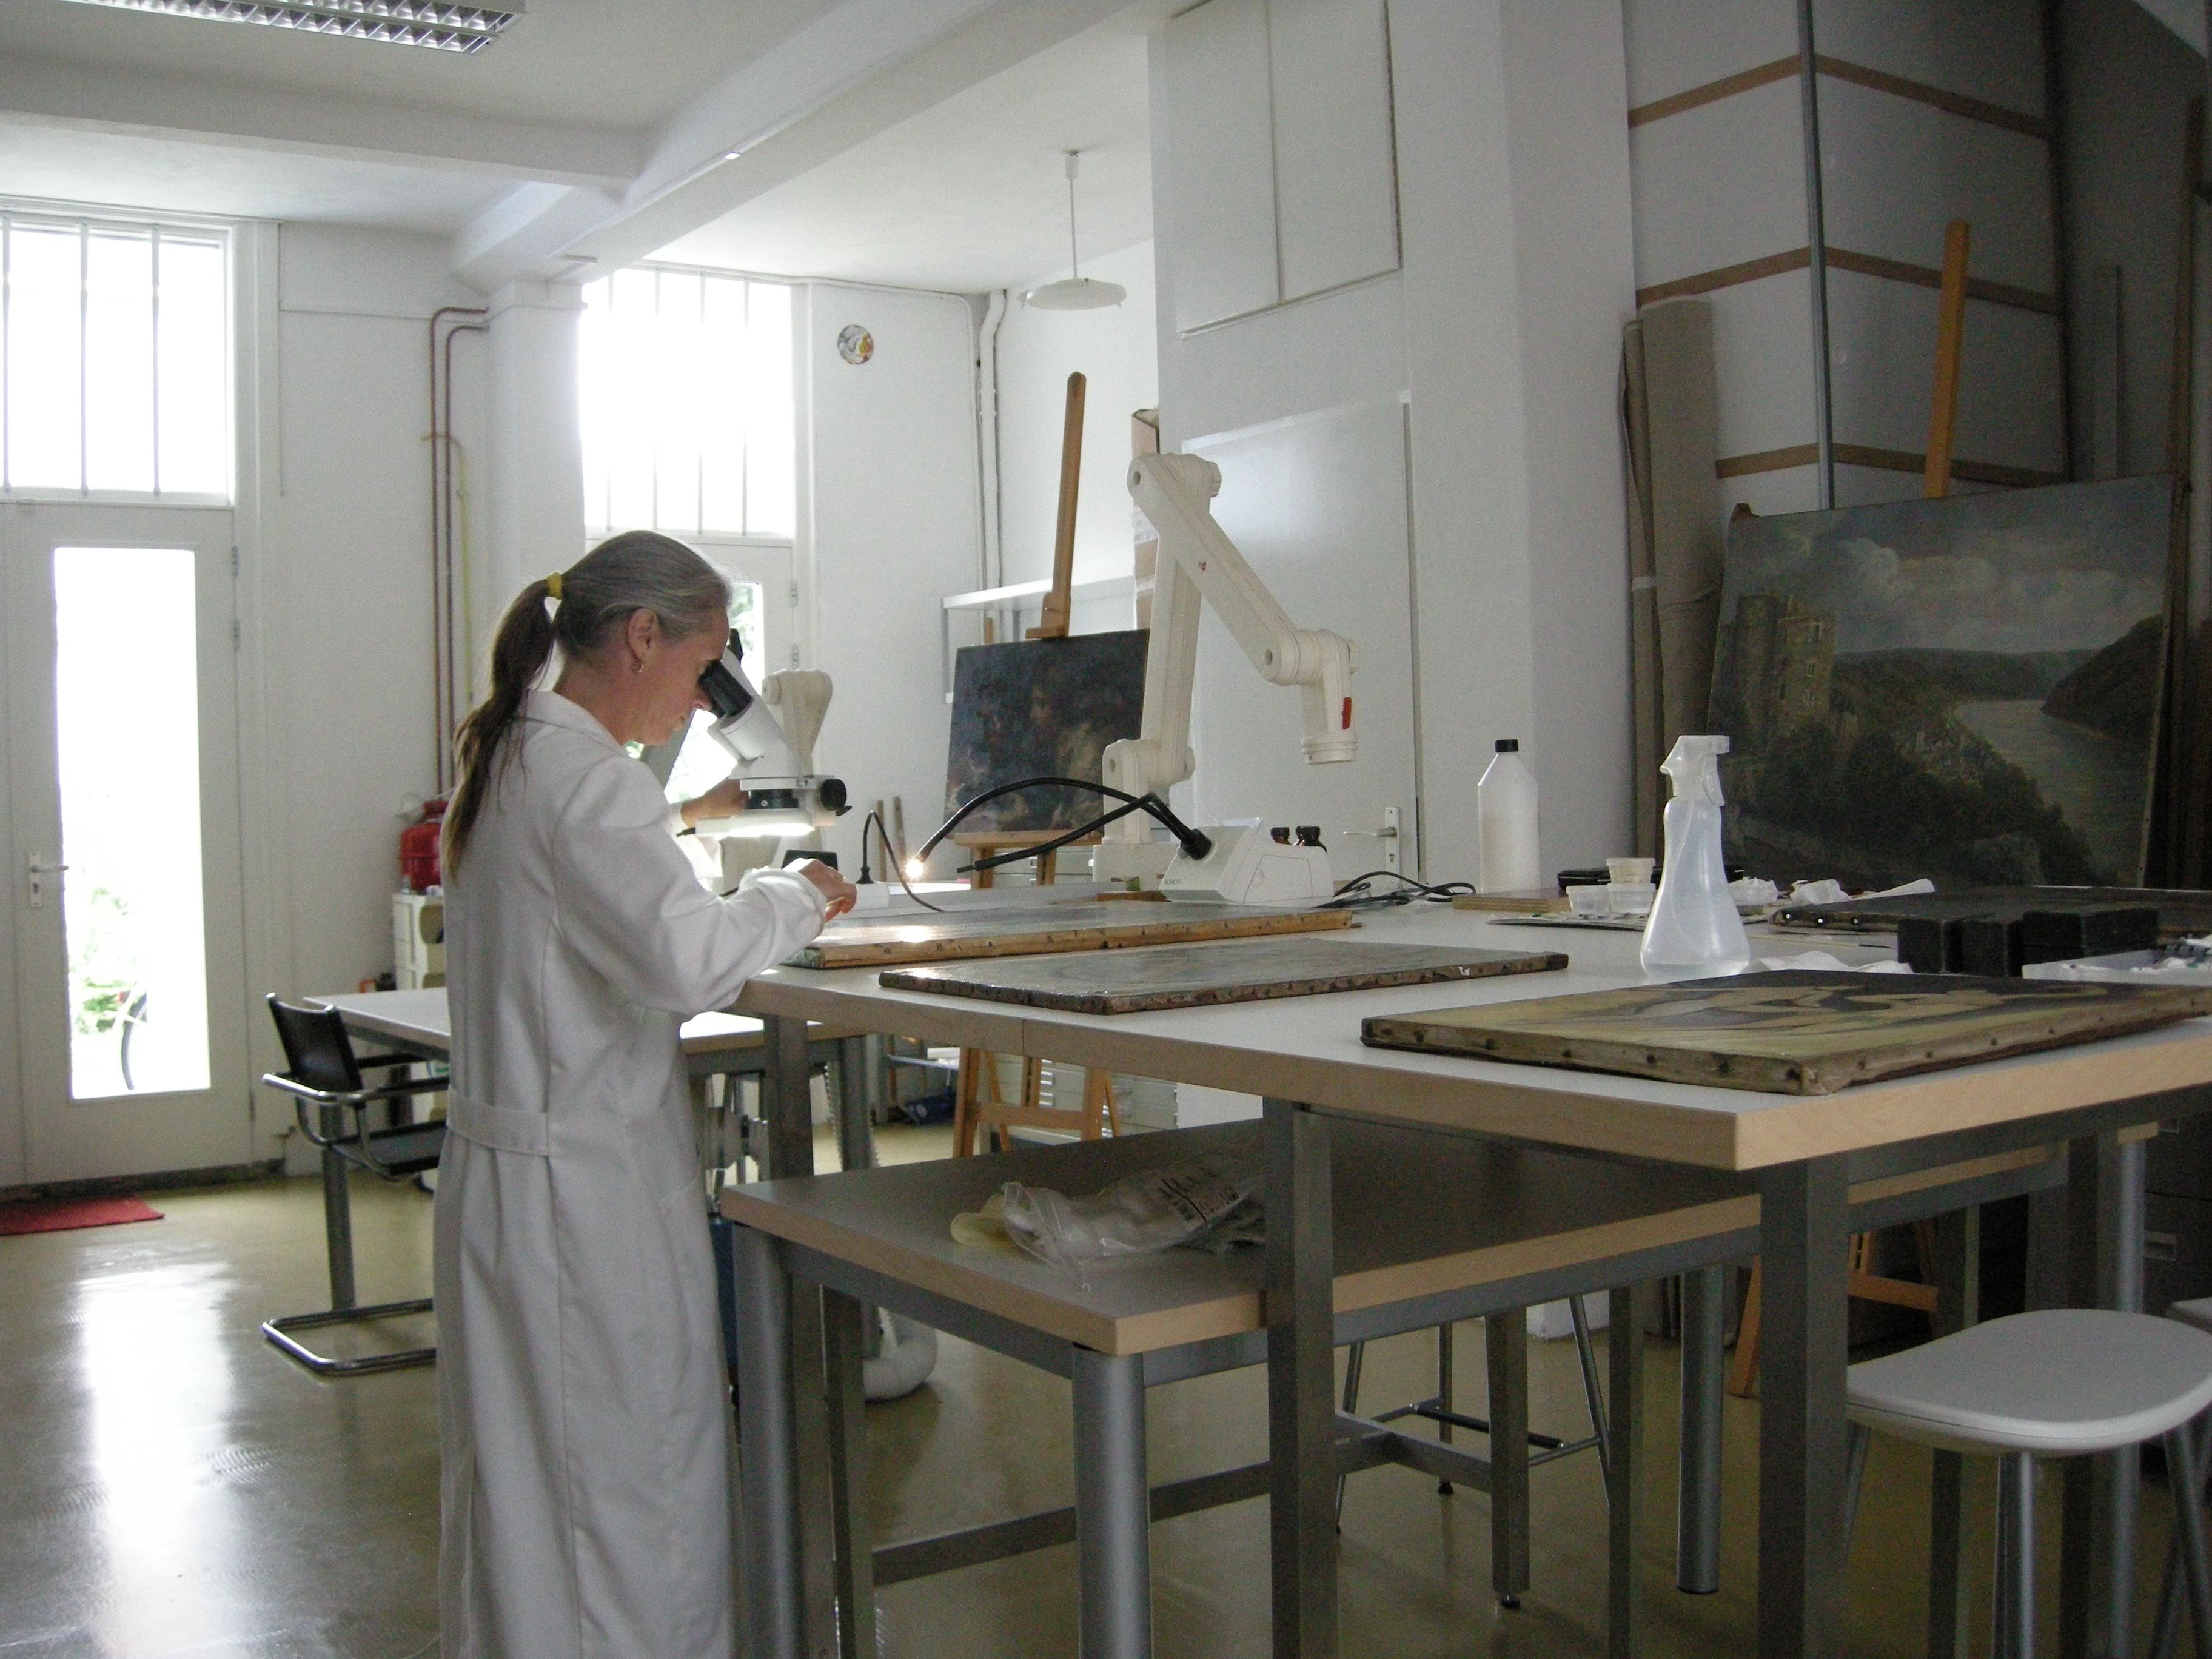 restauratie en conservering van schilderijen